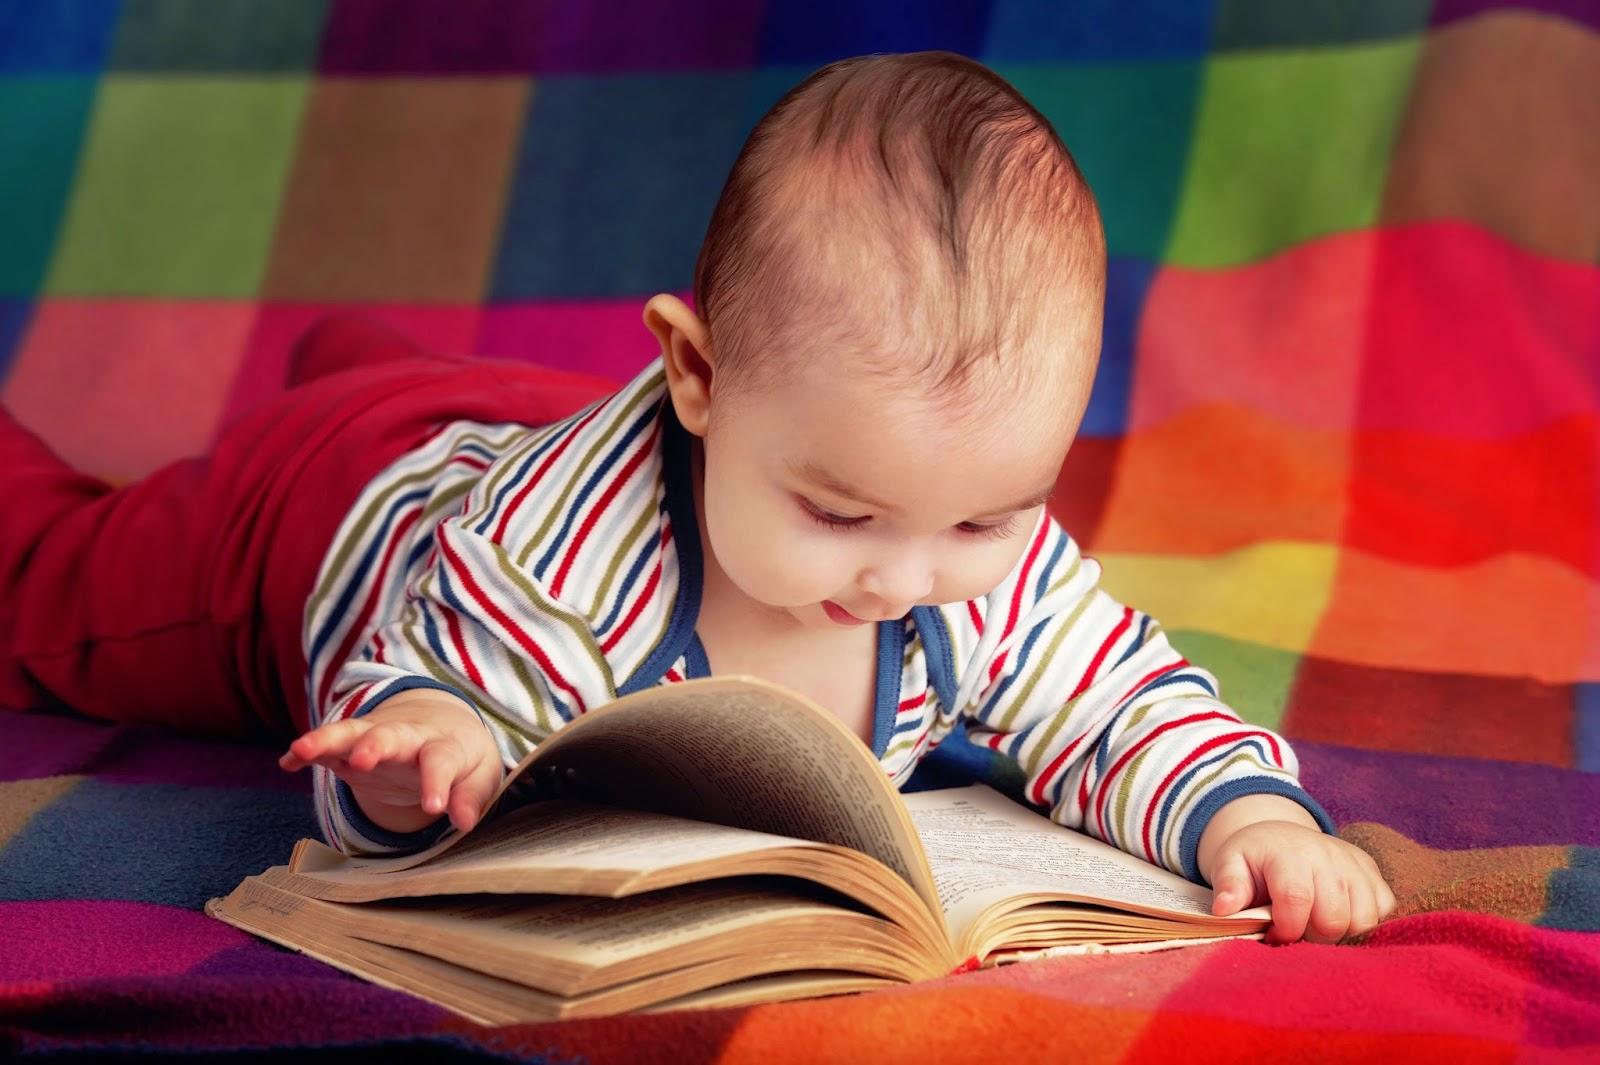 Download gambar bayi lucu banget baca buku